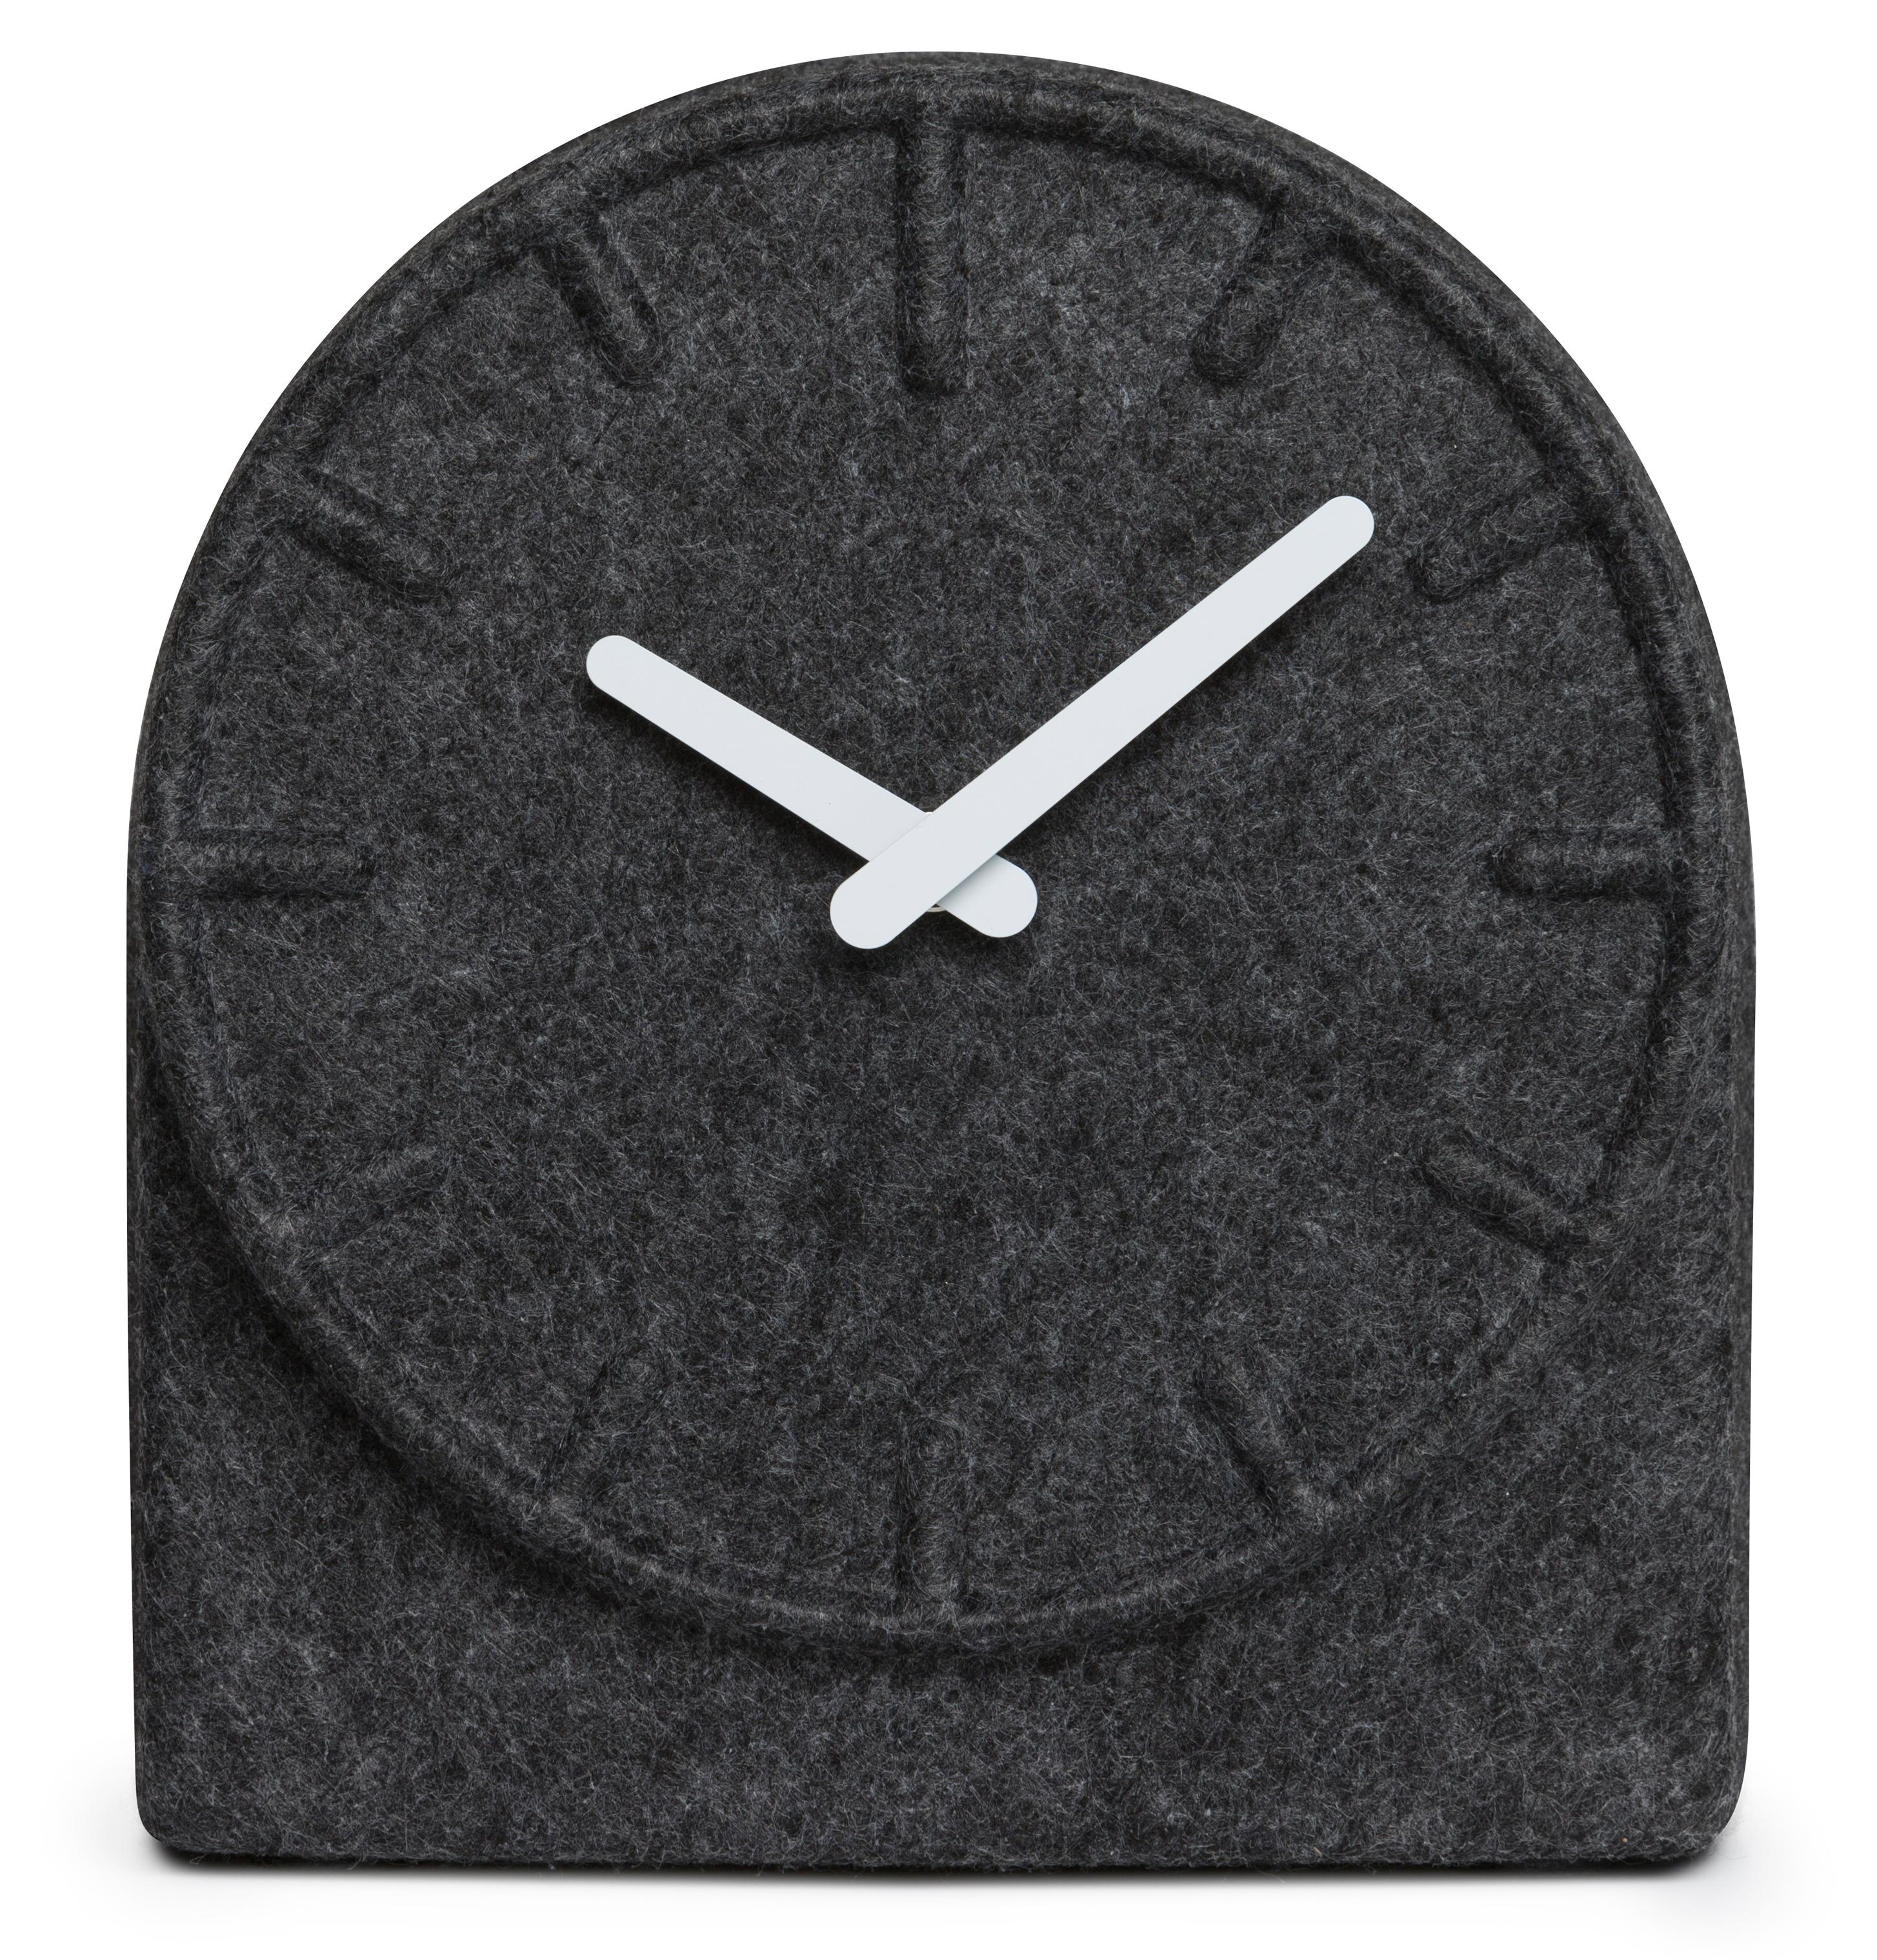 tischuhr felt two lt17012 von leff amsterdam g nstig kaufen wanduhren tischuhren wecker. Black Bedroom Furniture Sets. Home Design Ideas